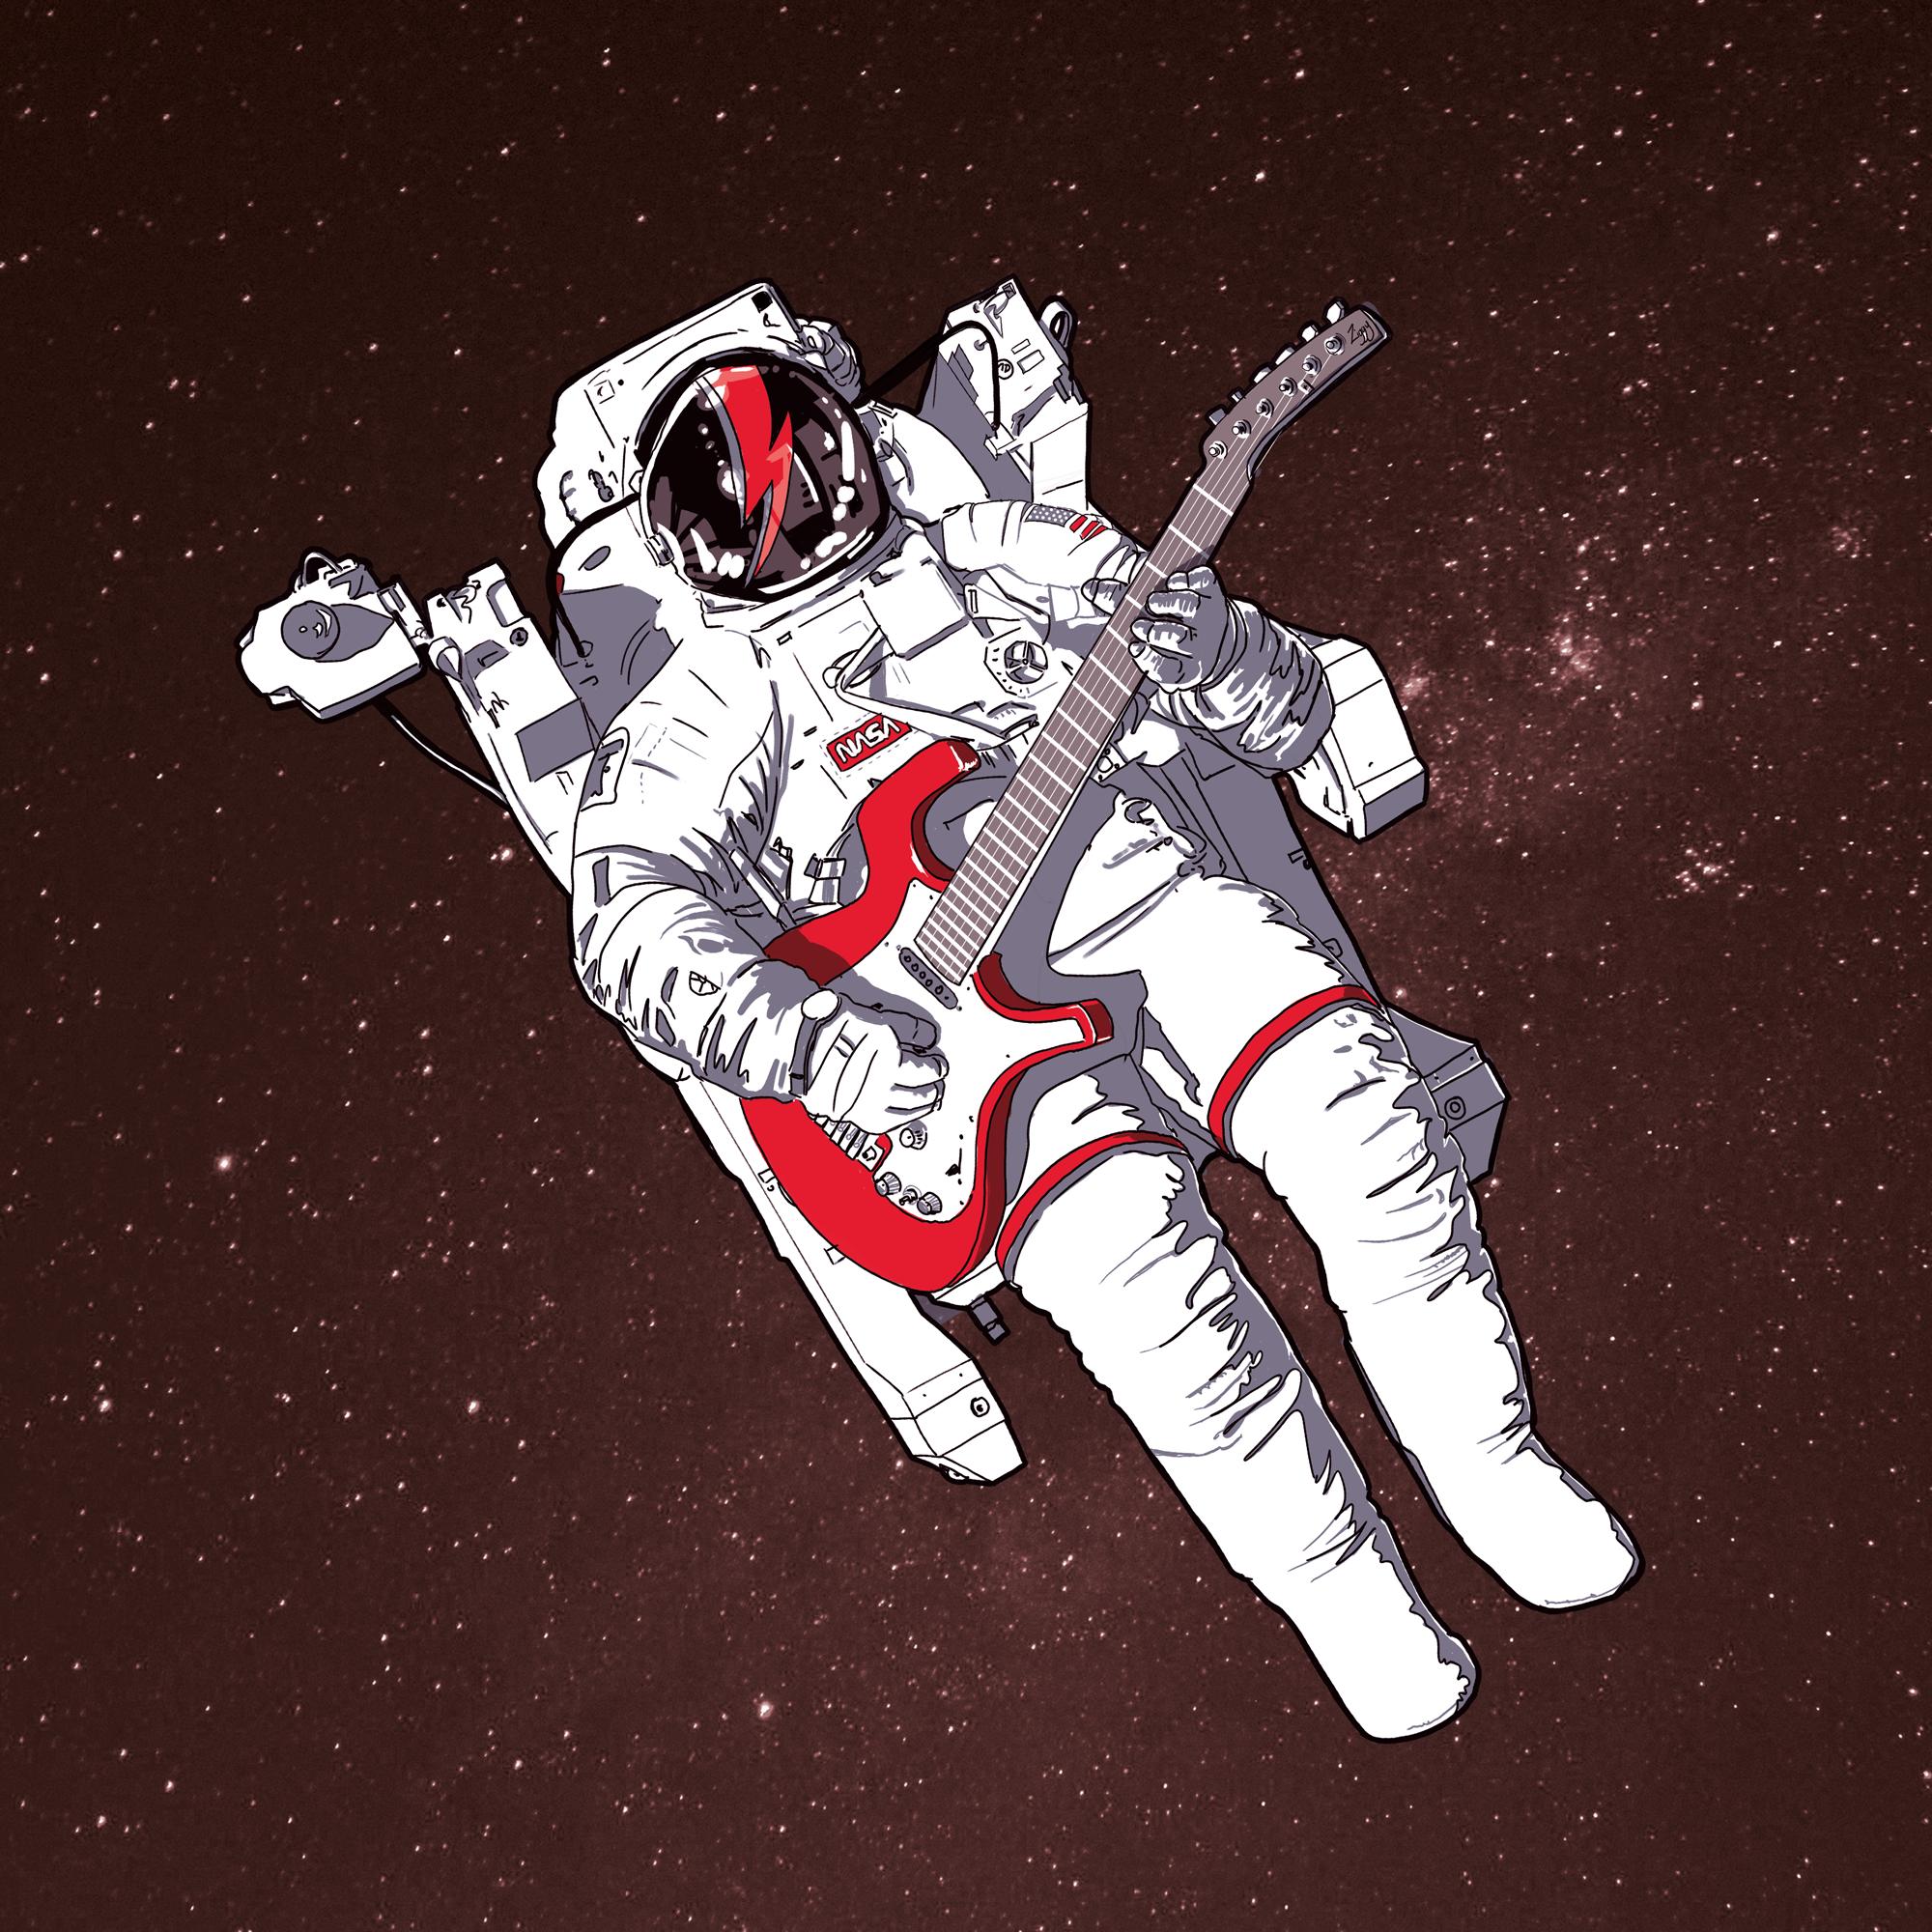 Davis Bowie - Space Oddity